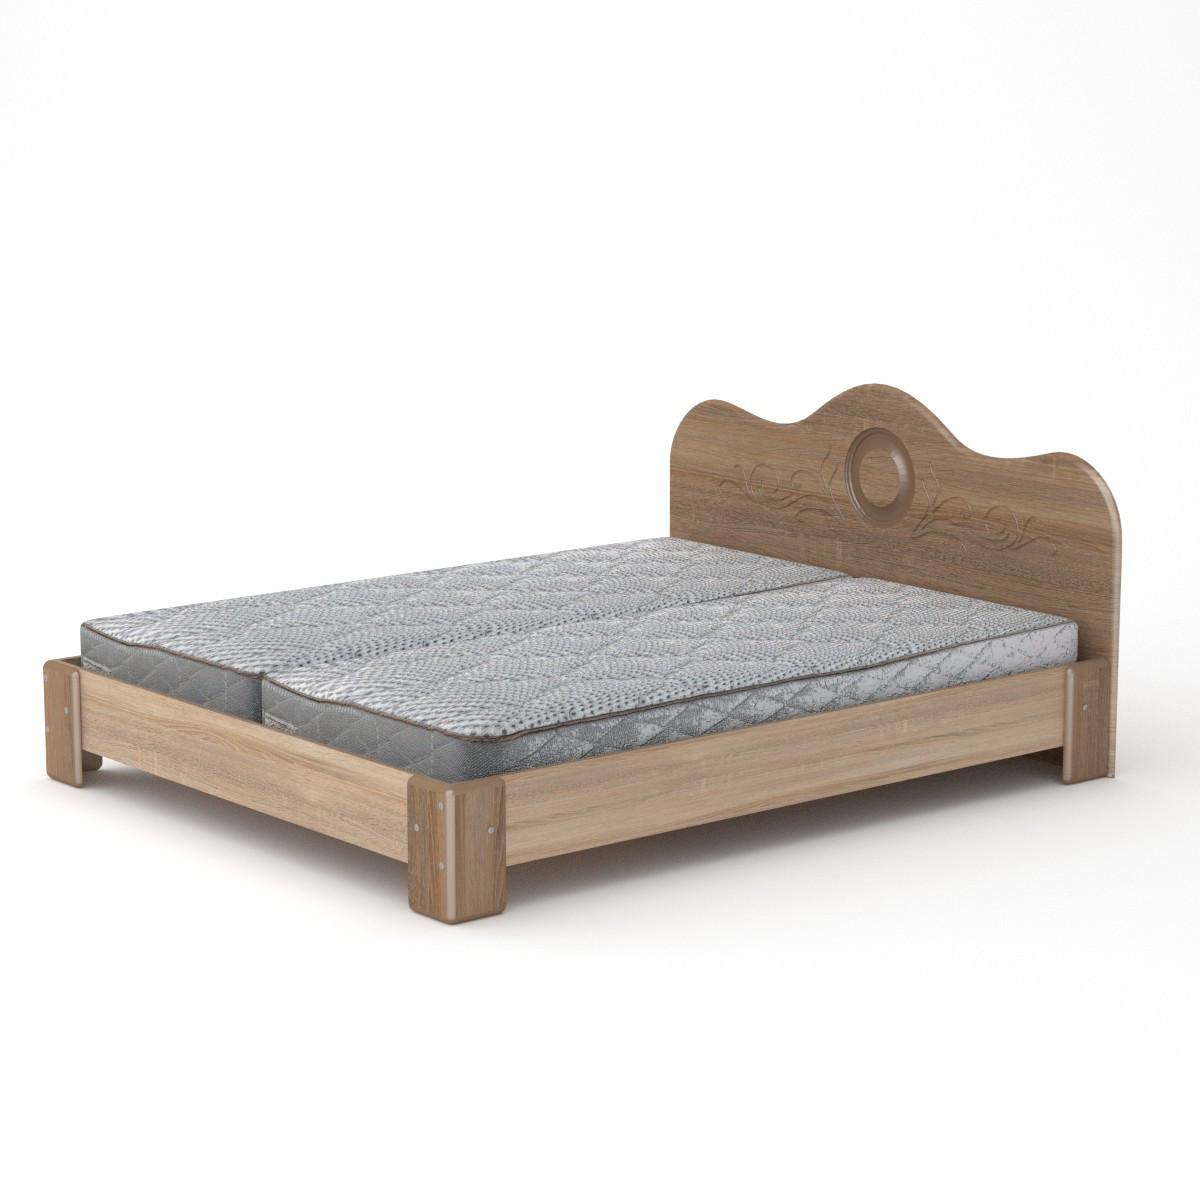 Кровать с матрасом 170 МДФ дуб сонома Компанит